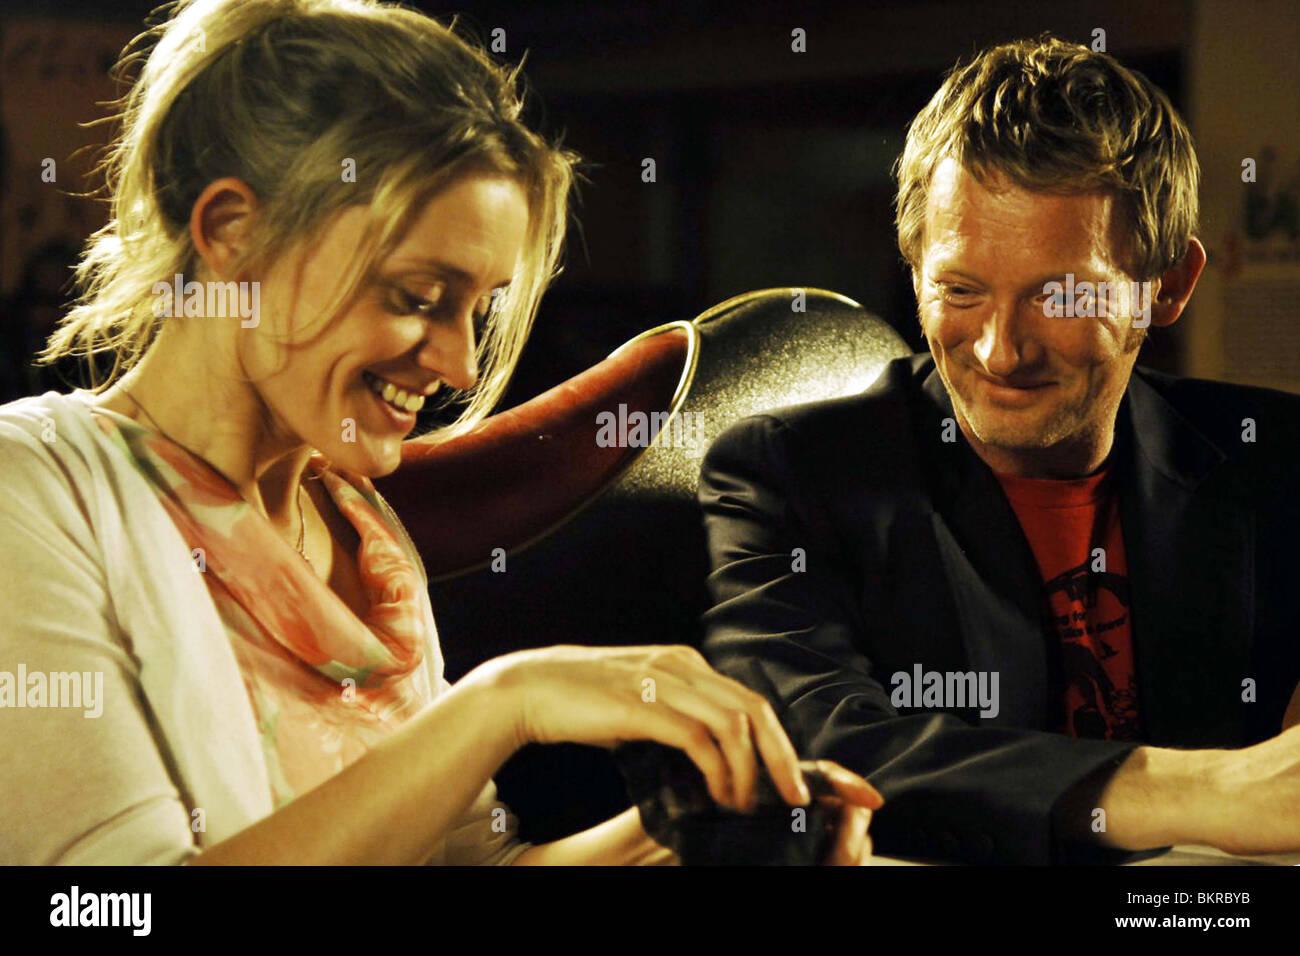 HILARY DUFF (UNBEKANNTE FRANZÖSISCHE FILM) Stockbild